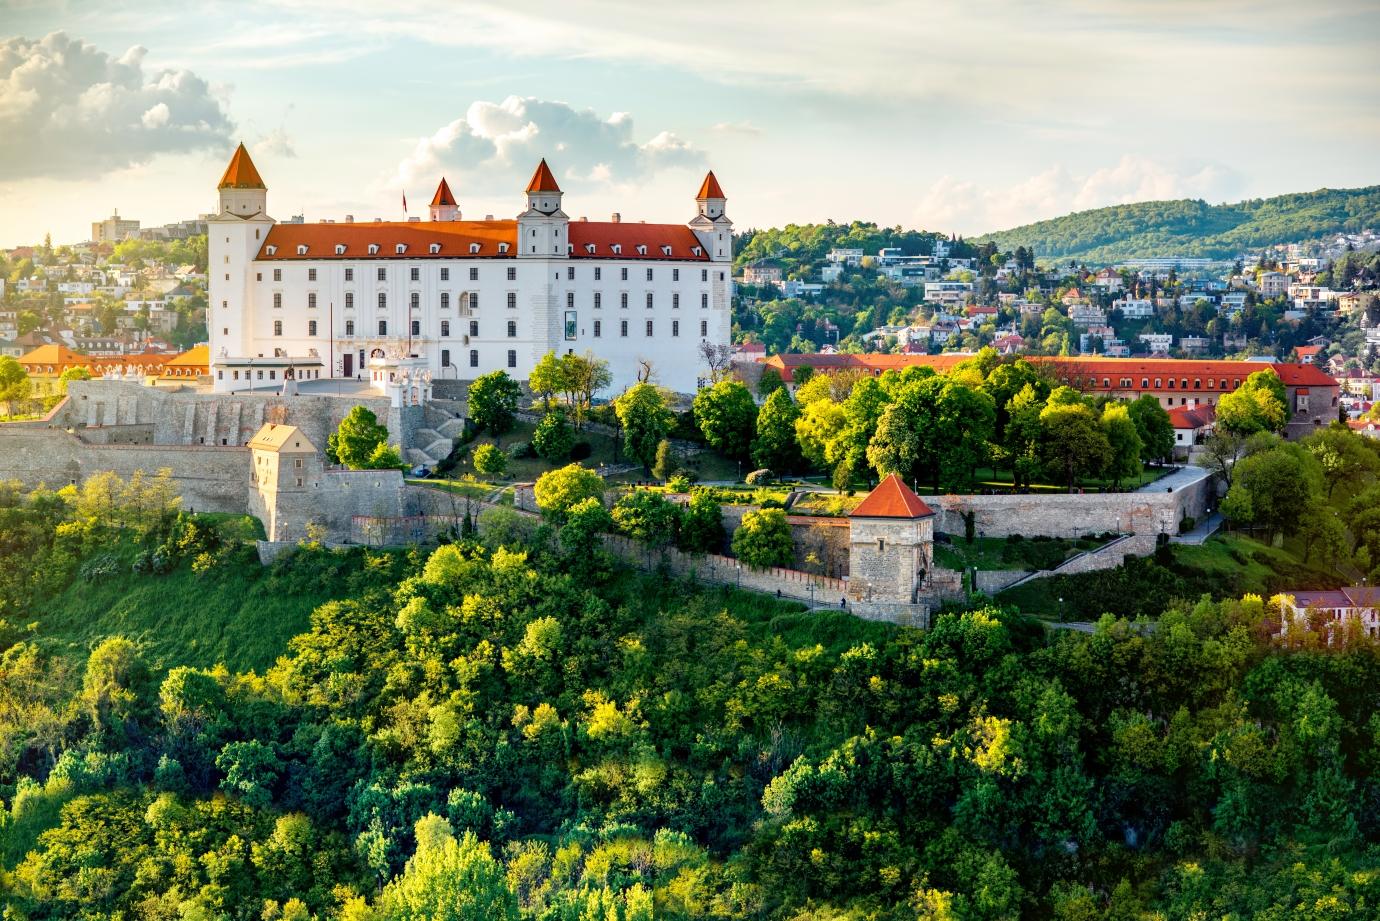 Vysoko nad Dunajem se tyčí dominanta, kterou vidíte, i když Bratislavu jen míjíte po dálničním okruhu.